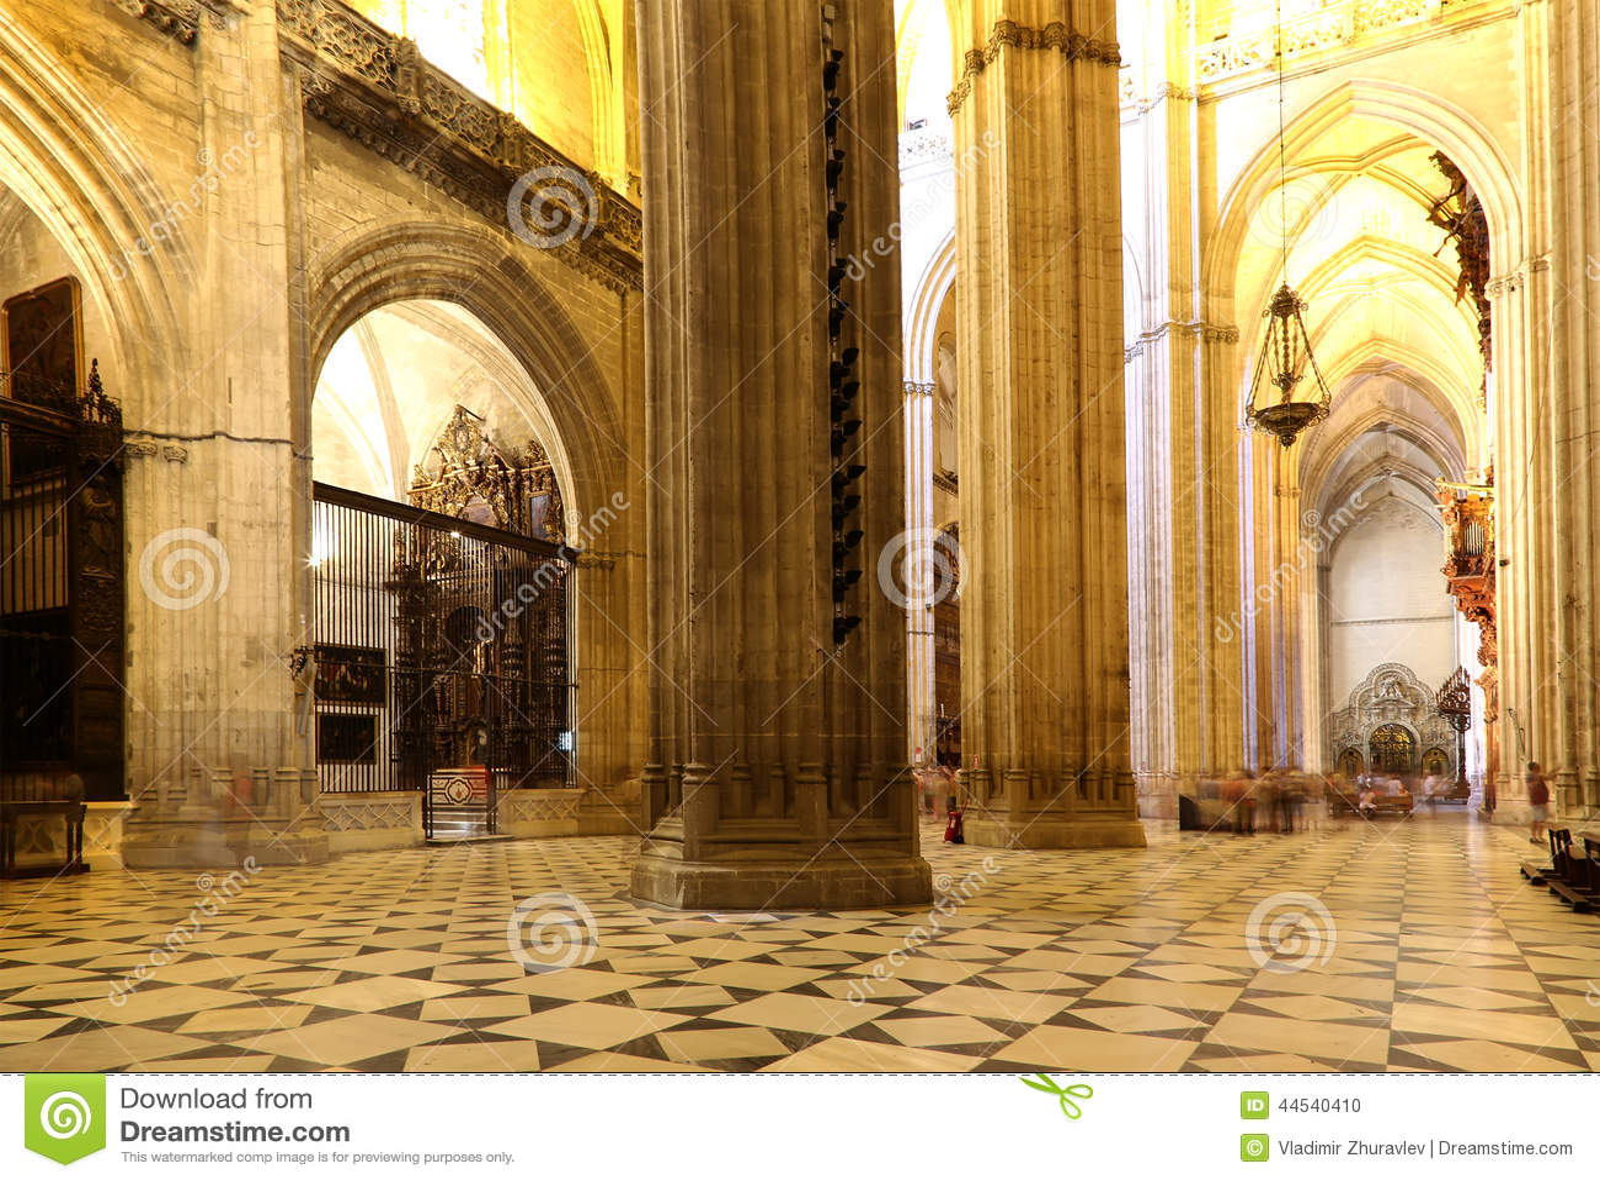 Innenkathedrale von Sevilla -- Kathedrale der Heiliger Maria des Sehung, Andalusien, Spanien